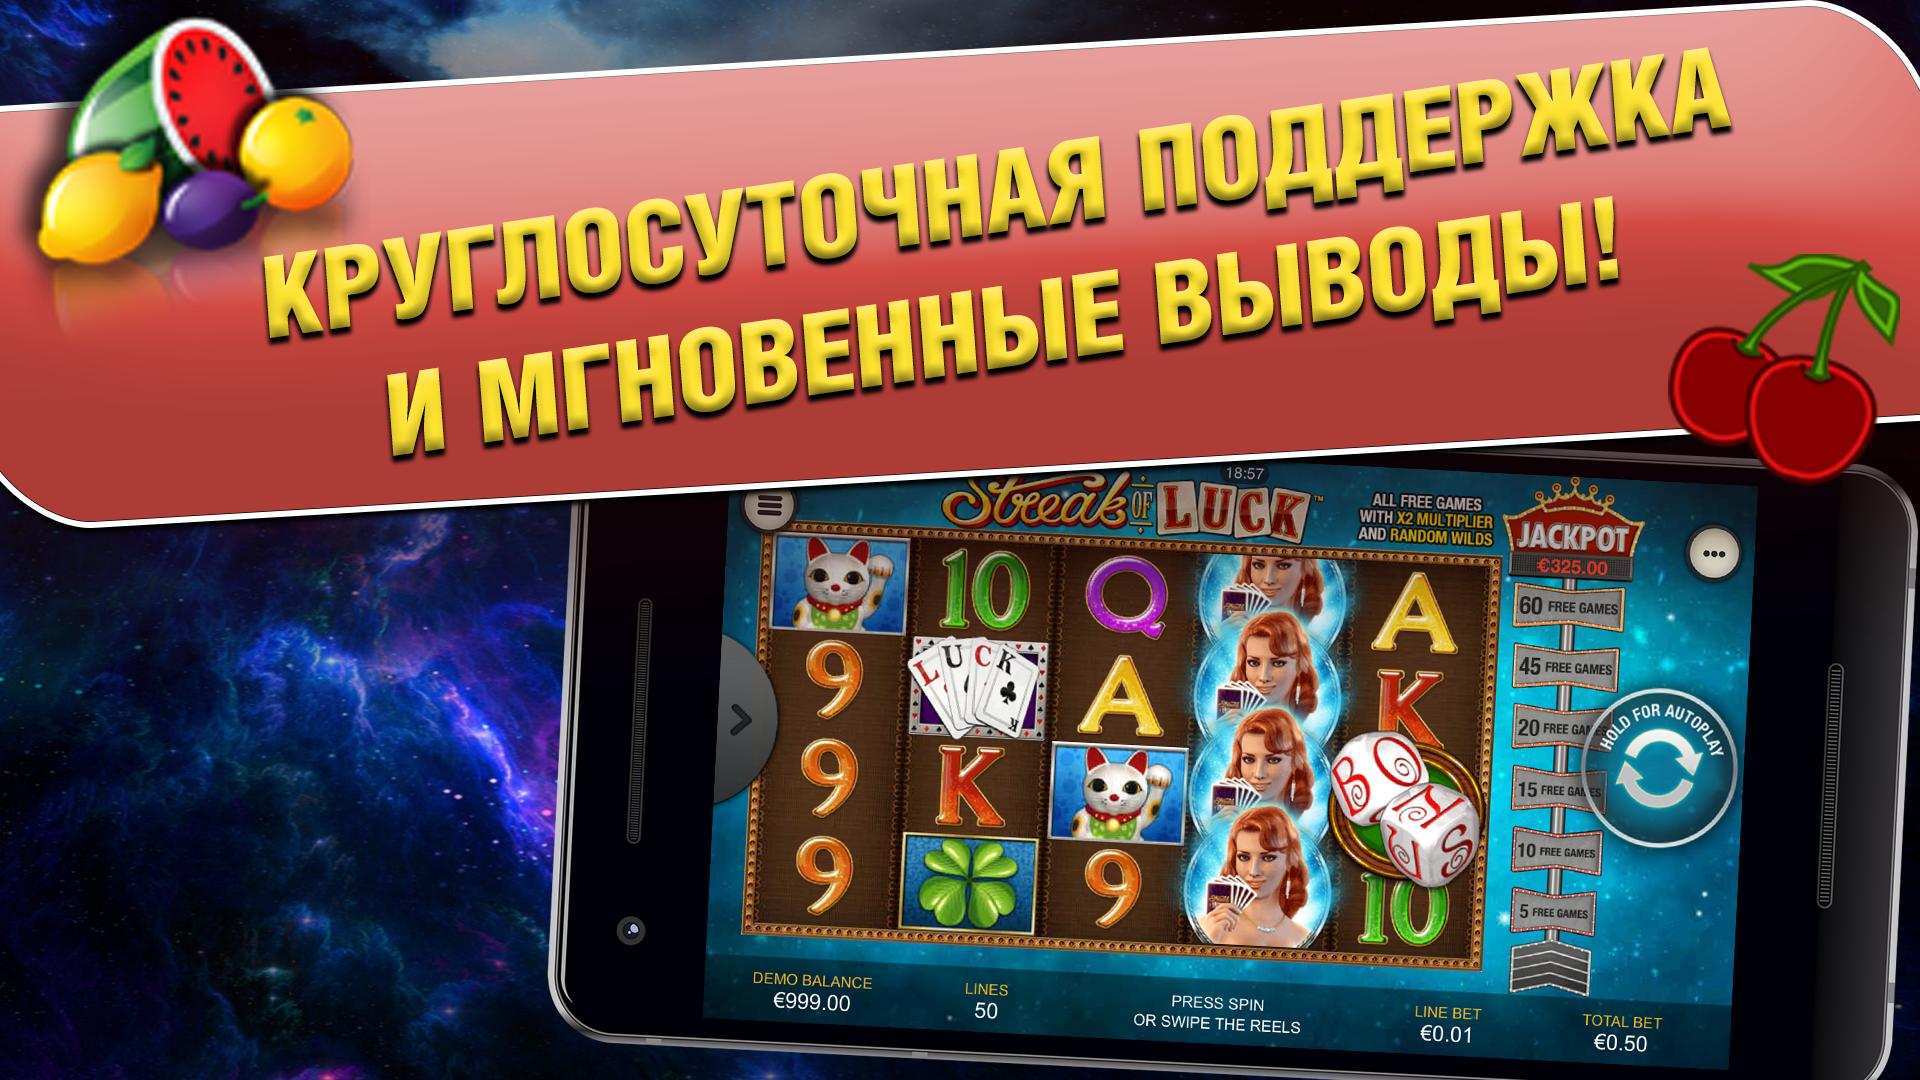 Игровые автоматы вулкан для андроид скачать бесплатно стоит ли открывать интернет казино